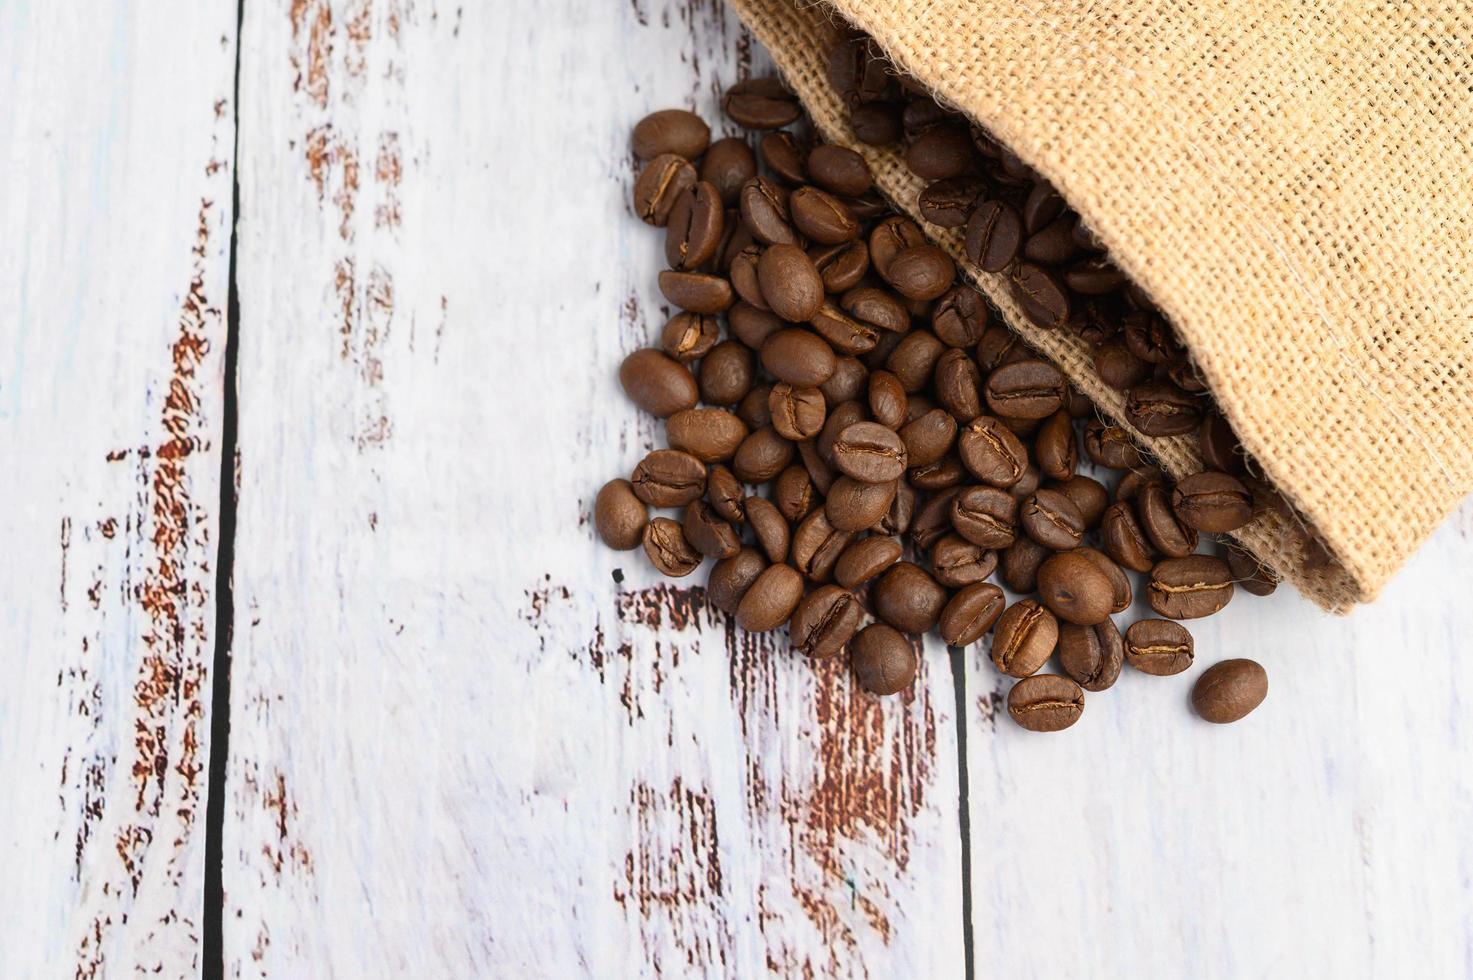 Granos de café en sacos de cáñamo sobre una mesa de madera blanca foto